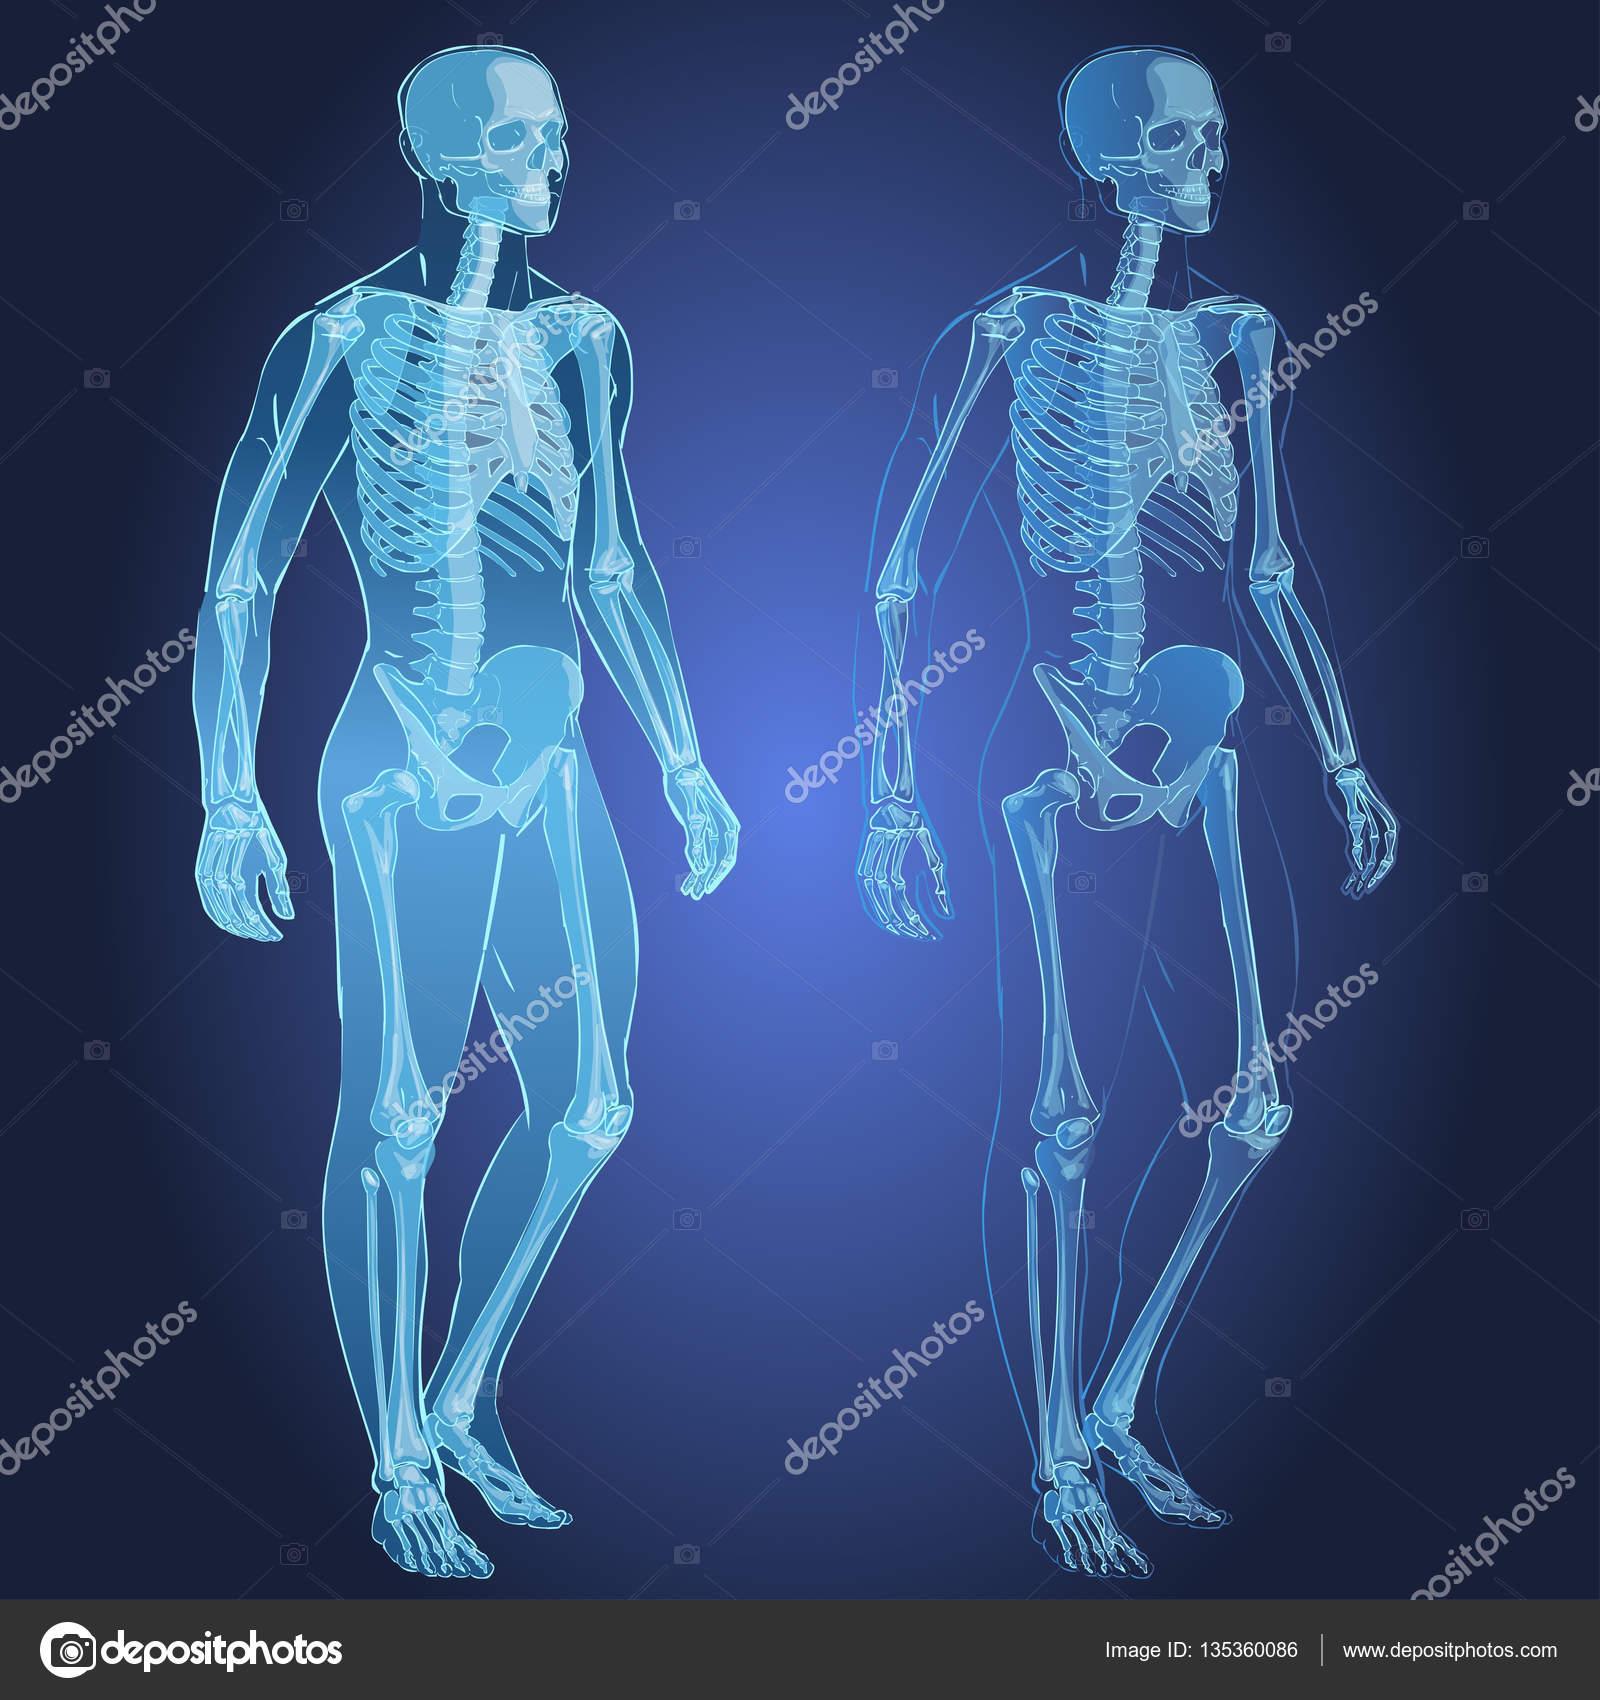 esqueleto y el cuerpo humano — Archivo Imágenes Vectoriales ...